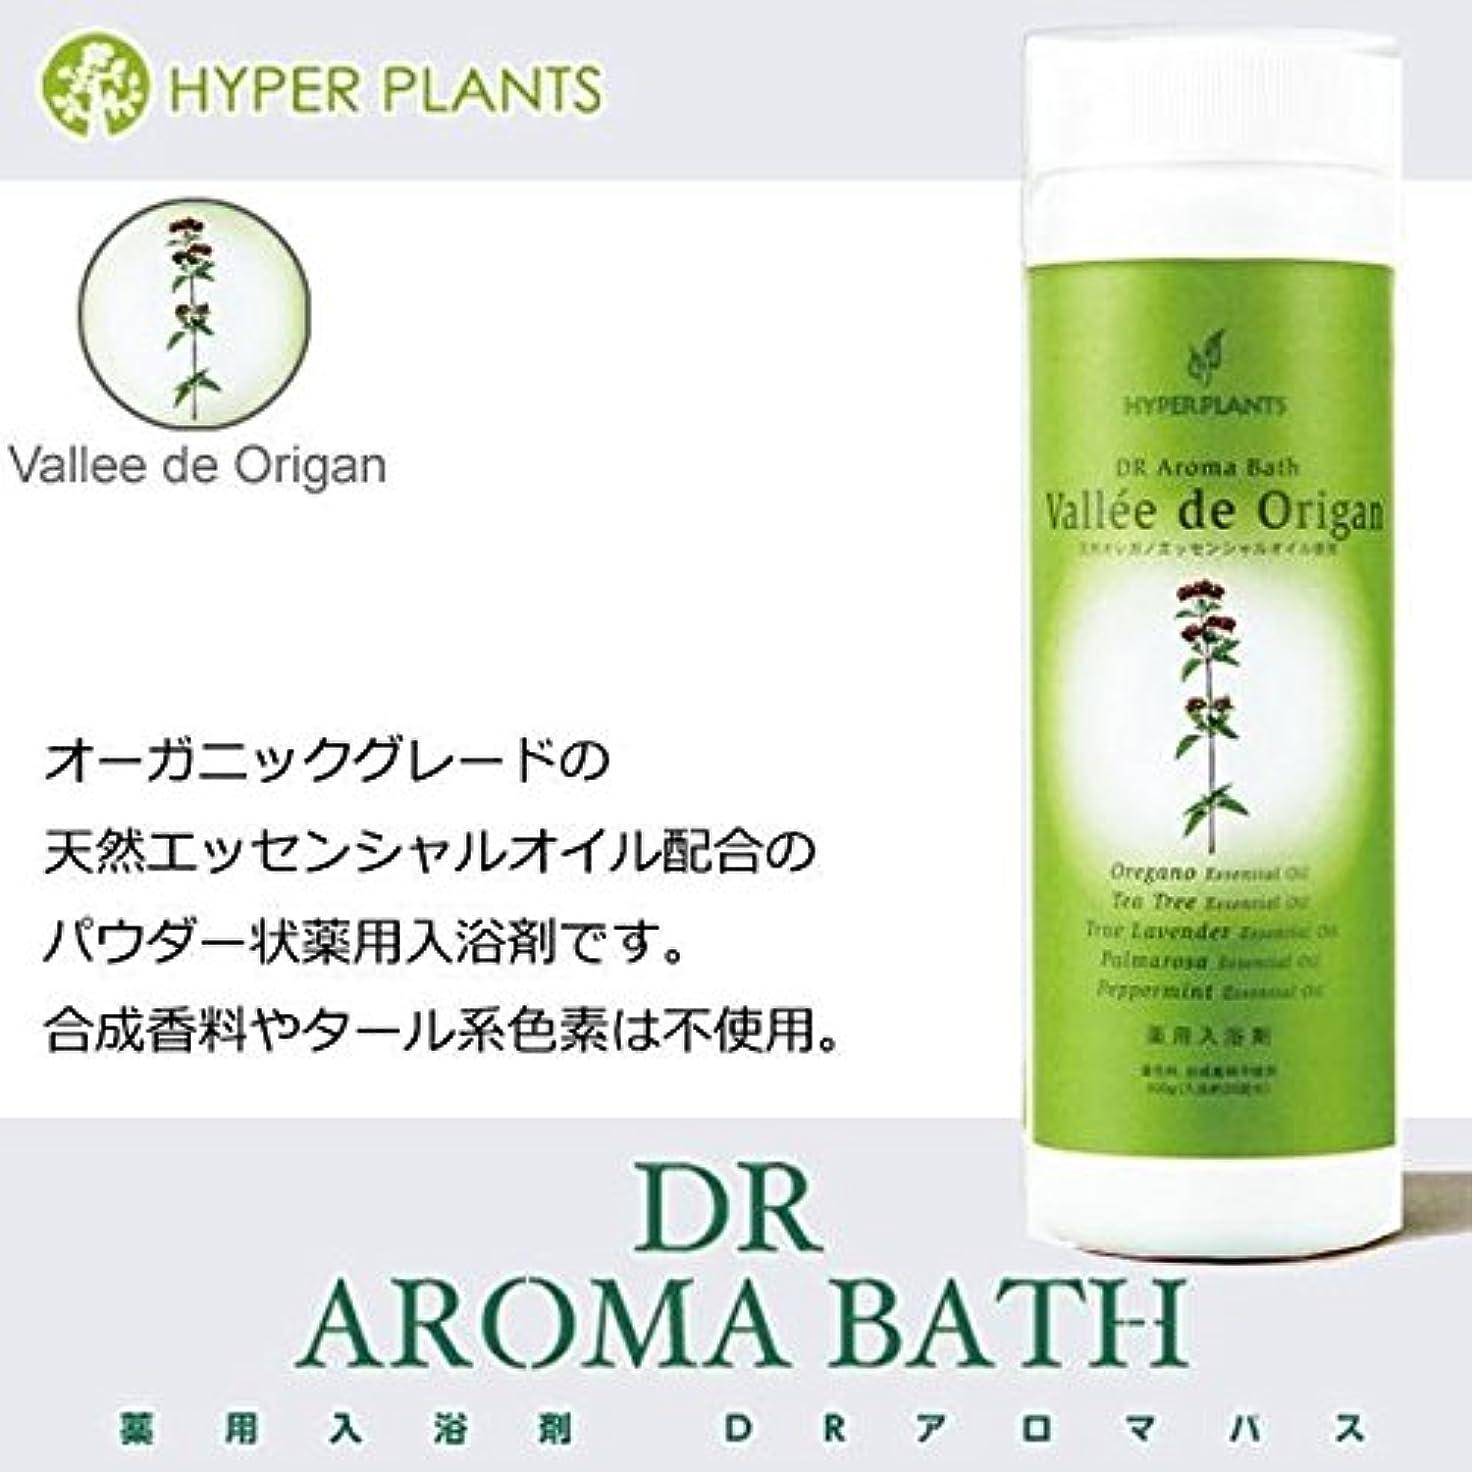 一過性おとうさんポット医薬部外品 薬用入浴剤 ハイパープランツ(HYPER PLANTS) DRアロマバス ヴァレドオリガン 500g HN0218